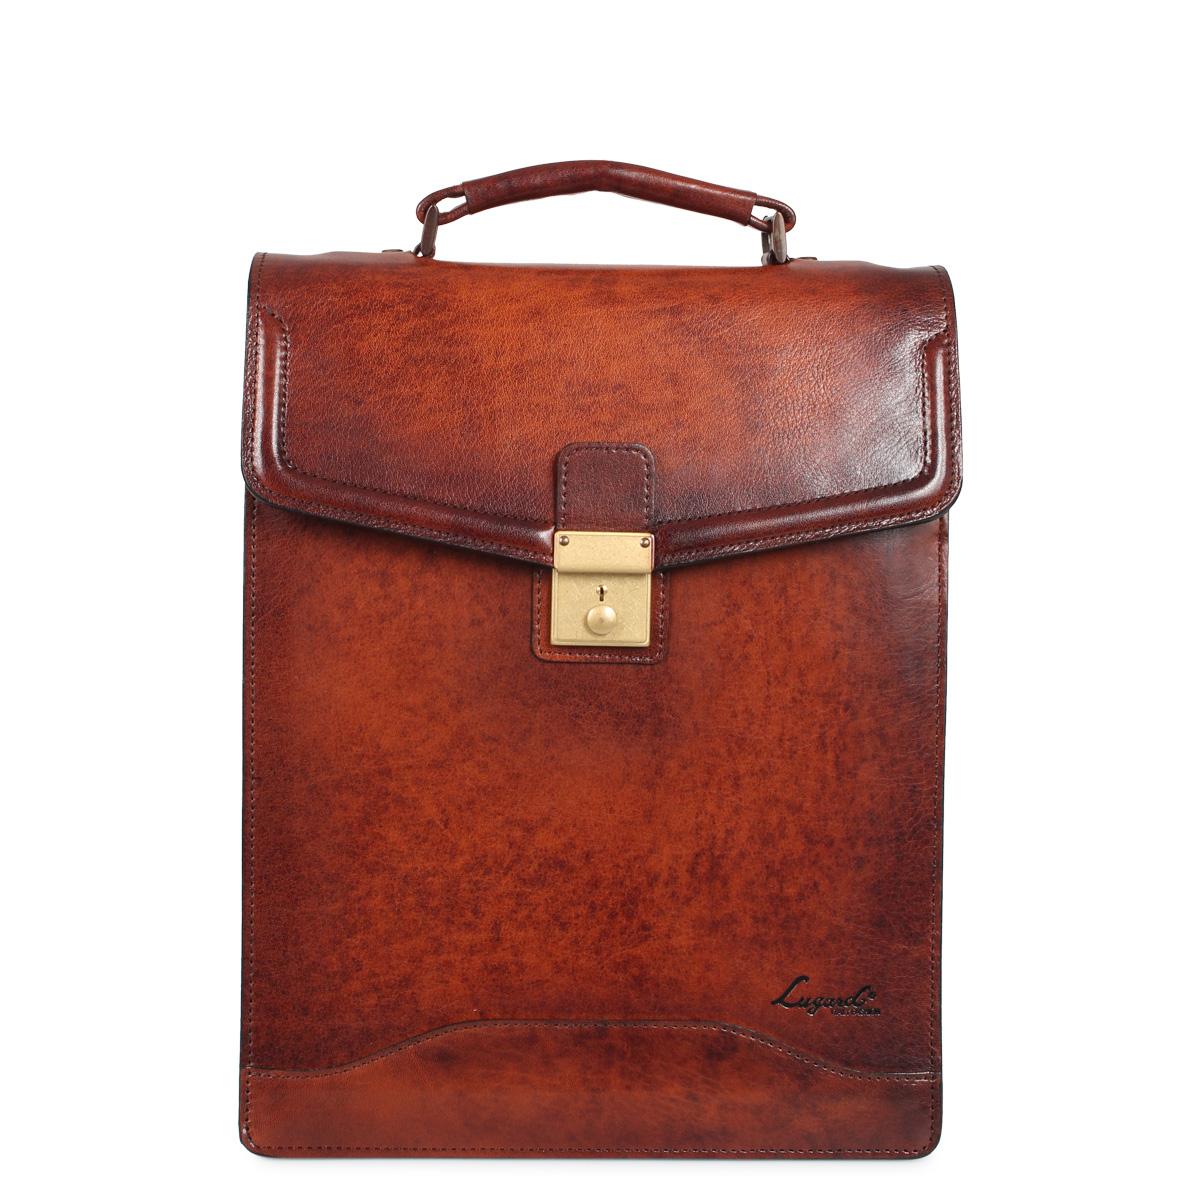 Lugard G3 ラガード 青木鞄 リュック バッグ ビジネスバッグ バックパック メンズ ジースリー ブラウン 5232 [4/27 新入荷]